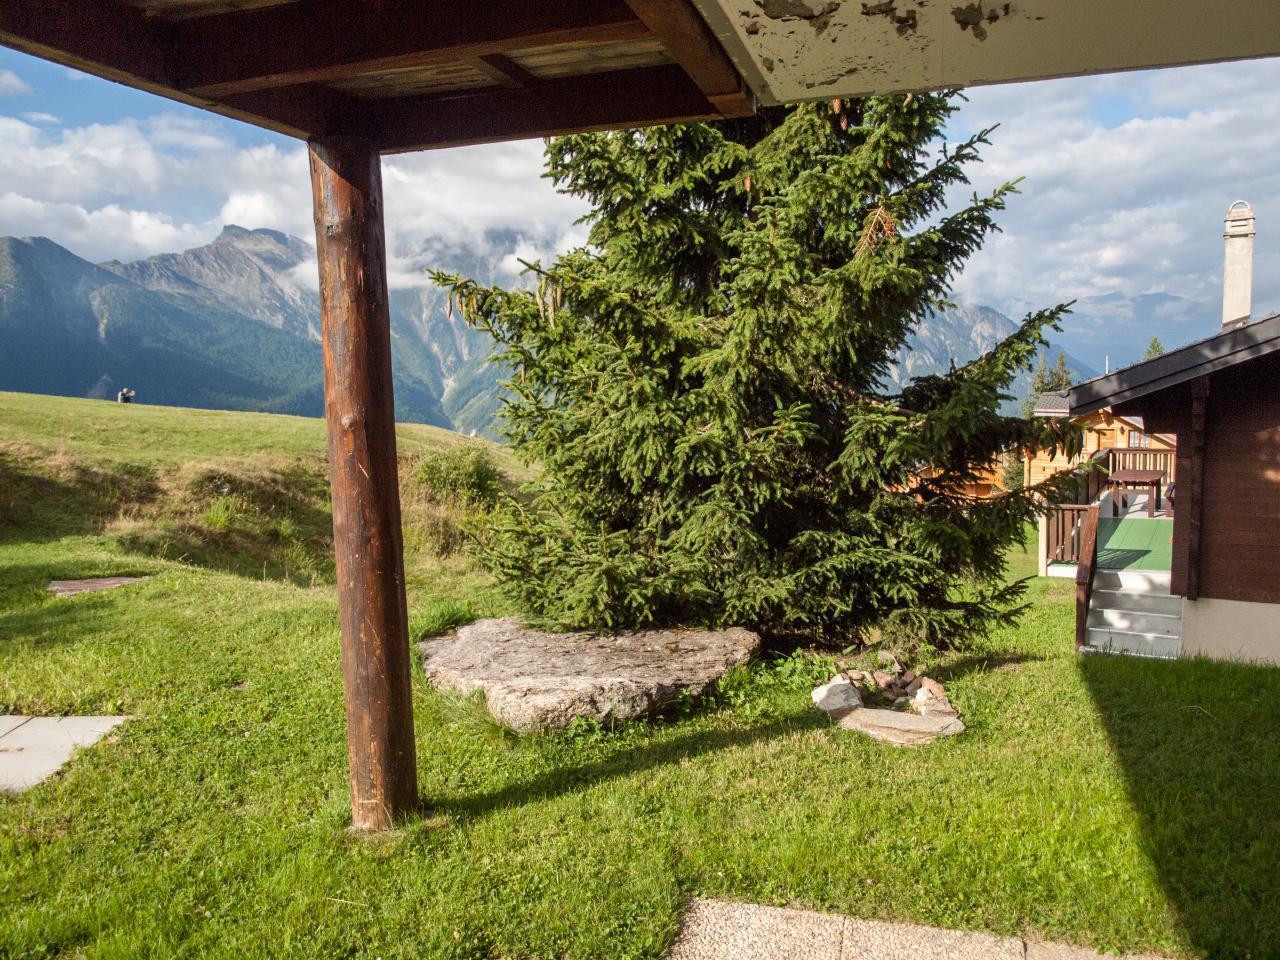 Ferienwohnung Chalet Allegra | Ferienwohnung in den Alpen (2245630), Rosswald, Brig - Simplon, Wallis, Schweiz, Bild 9